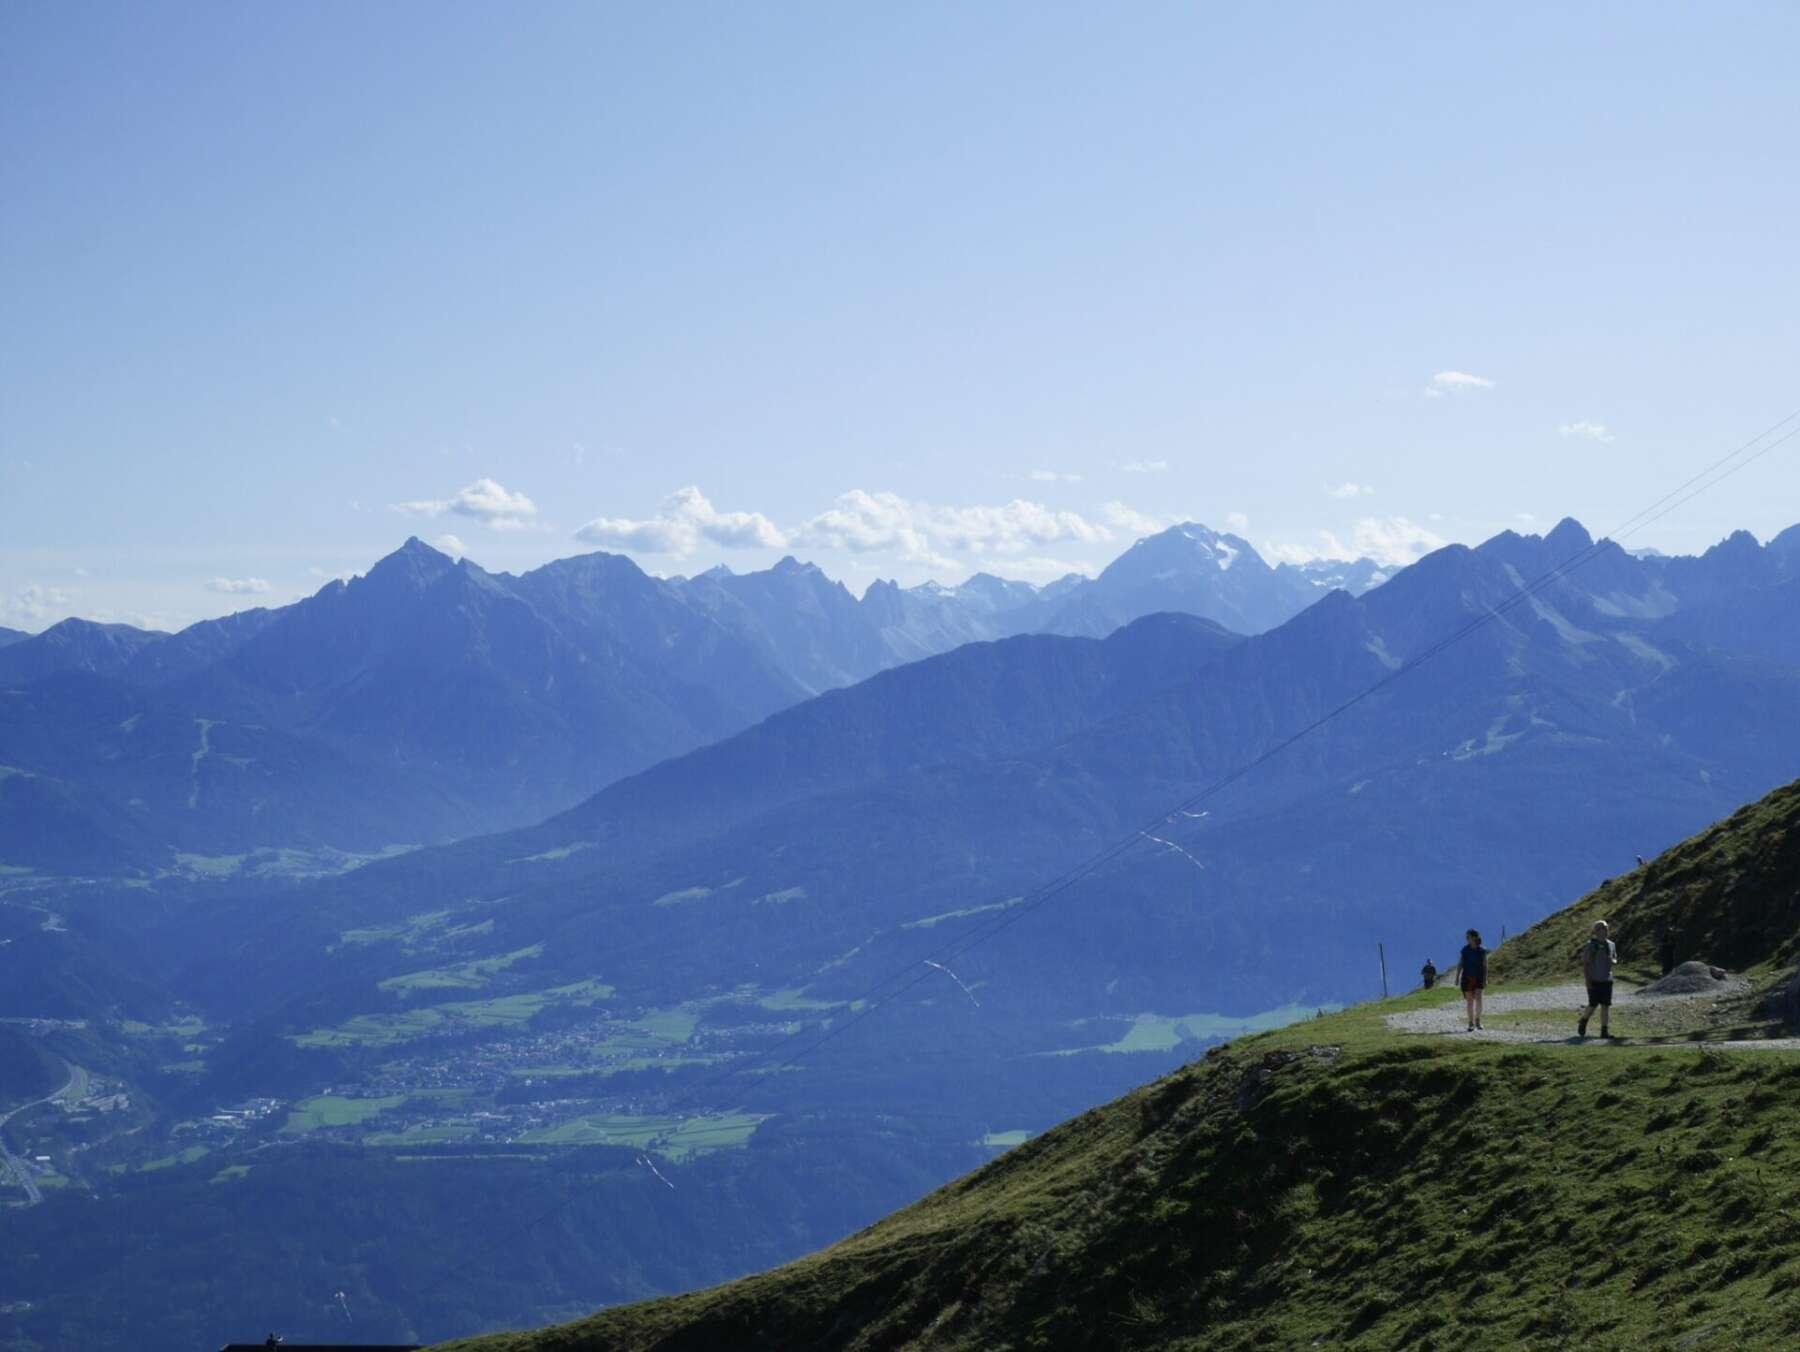 เมืองอินส์บรุค (Innsbruck) ประเทศออสเตรีย